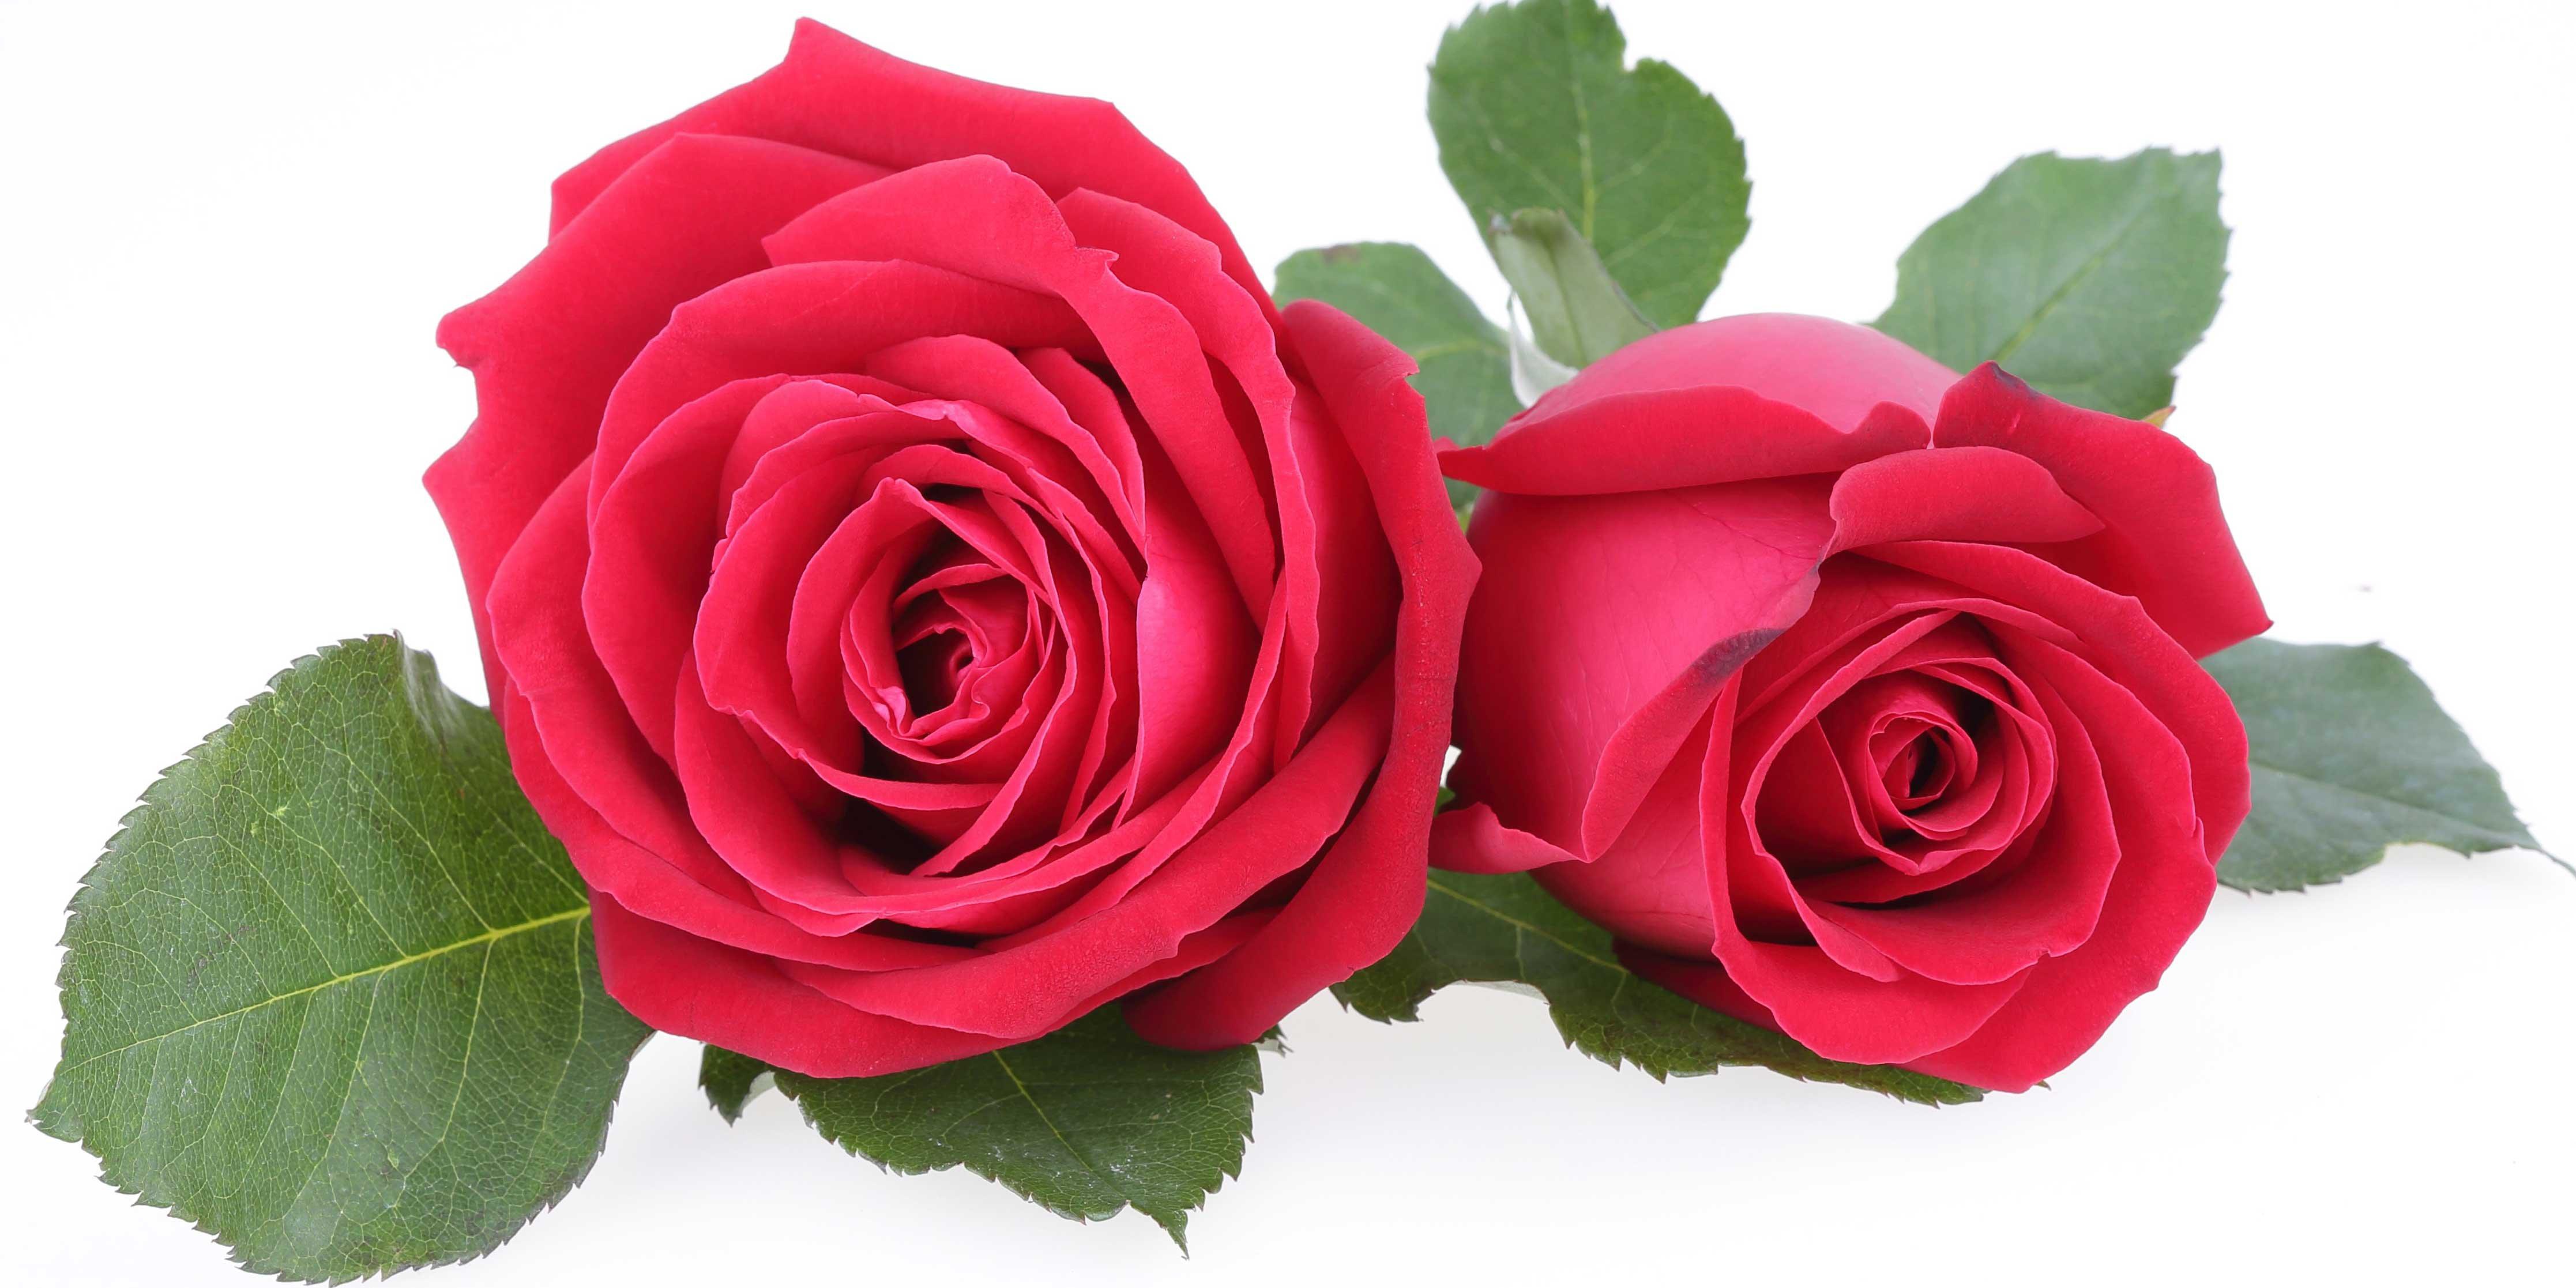 Rosa Rampicante In Vaso piantare le rose correttamente in autunno - cose di casa